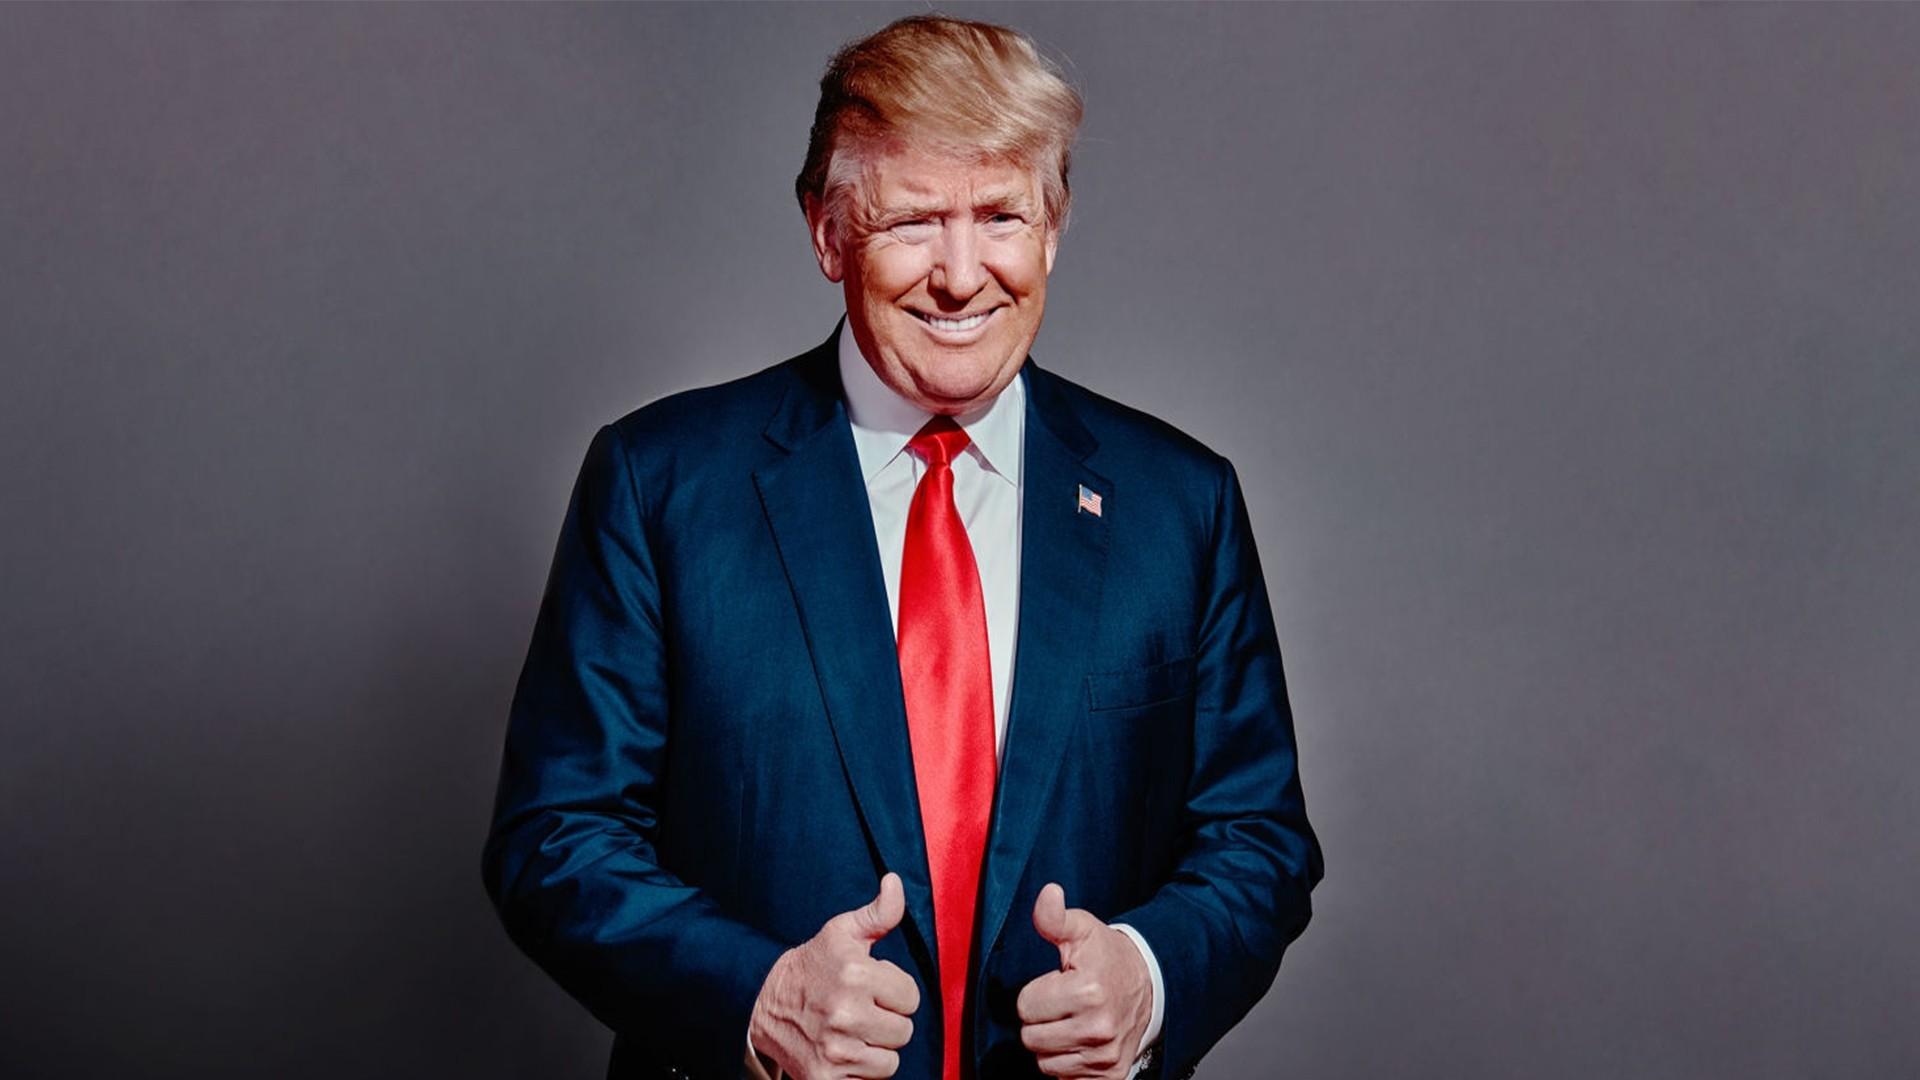 Donald Trump a wallpaper